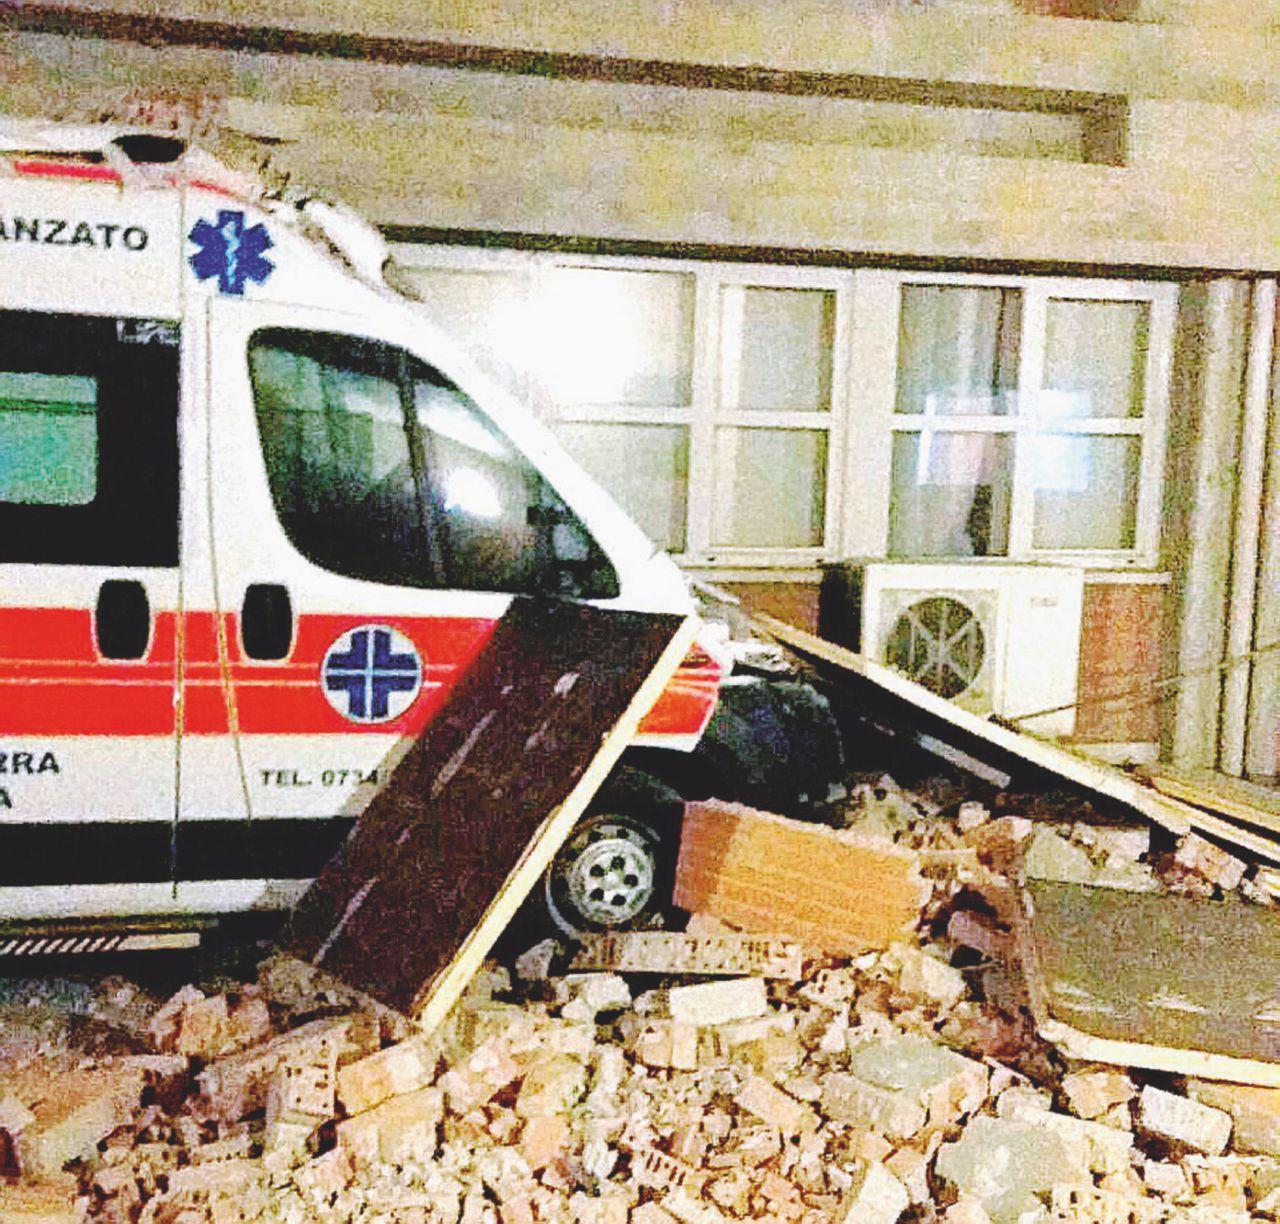 Il sisma chiude l'ospedale: visite e dialisi nelle tende